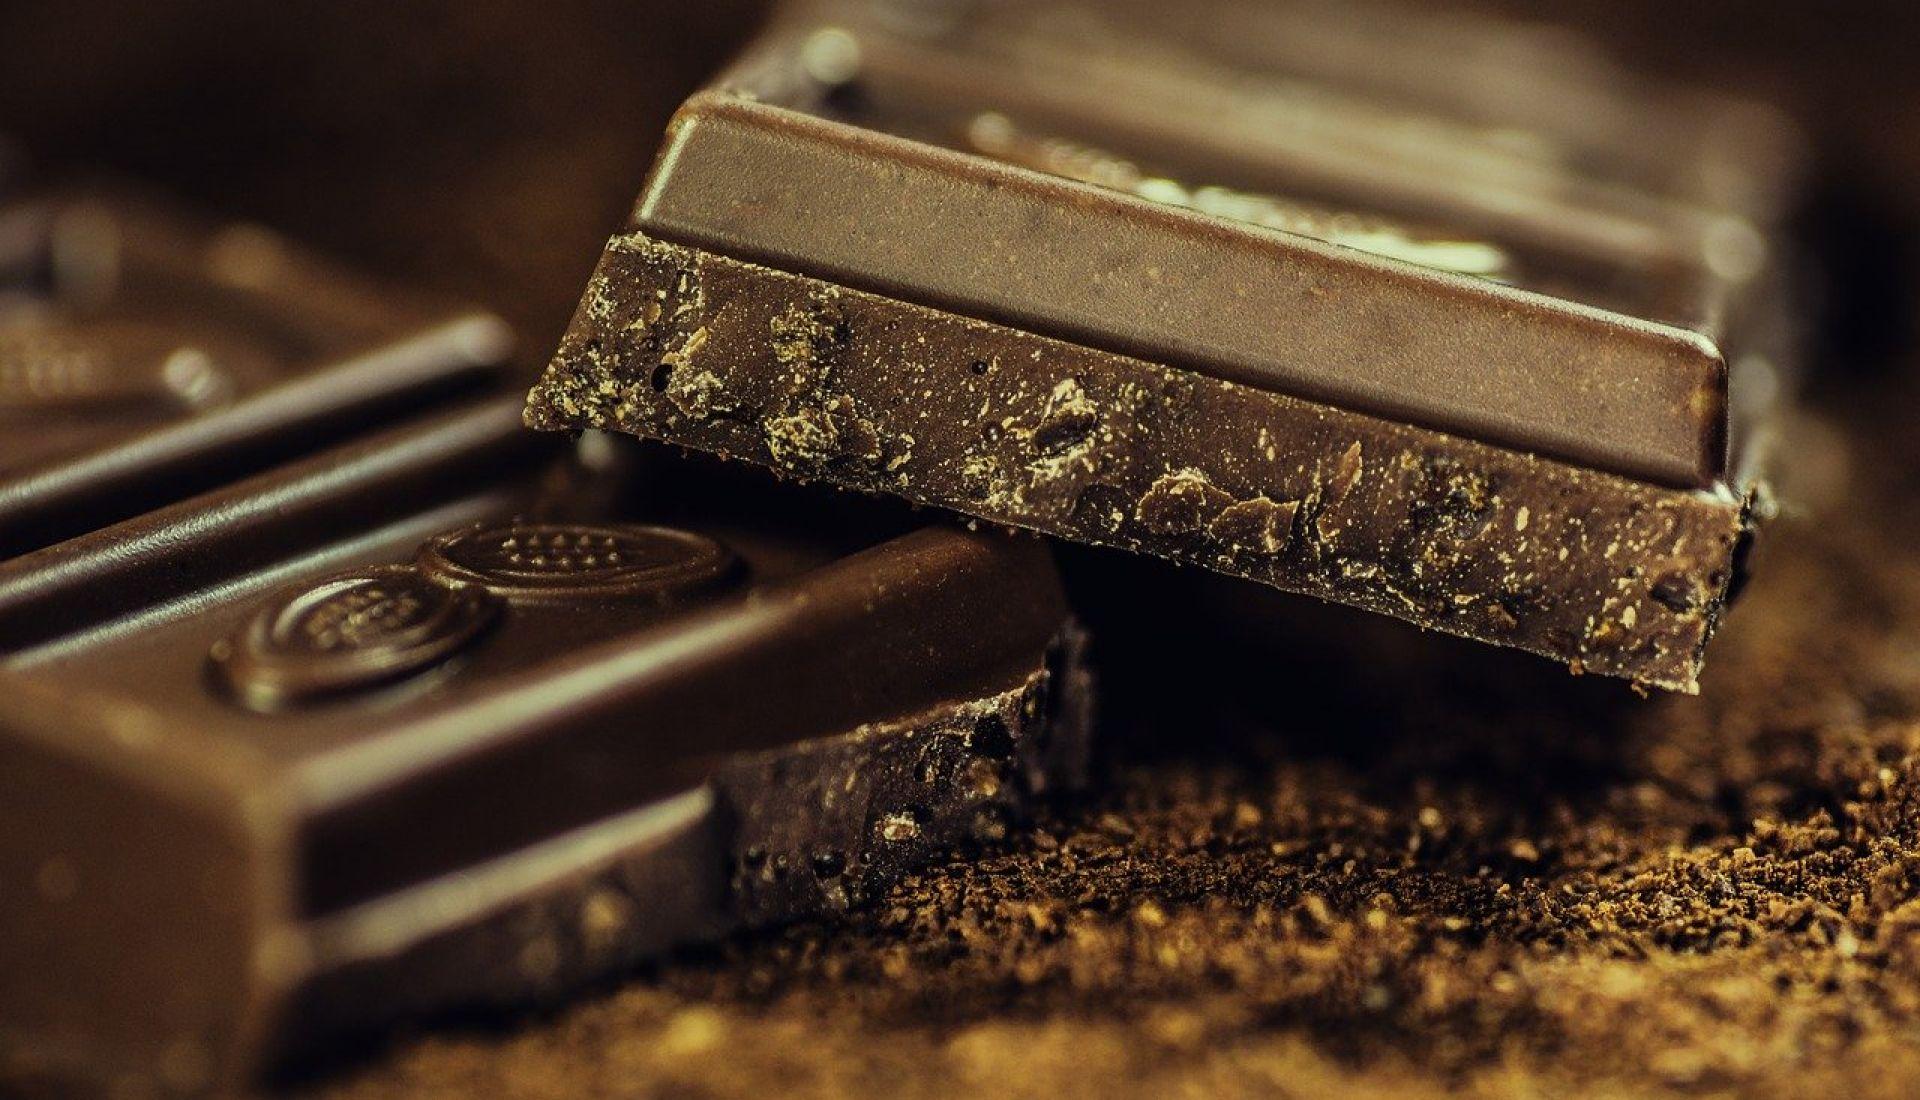 Le travail du chocolat